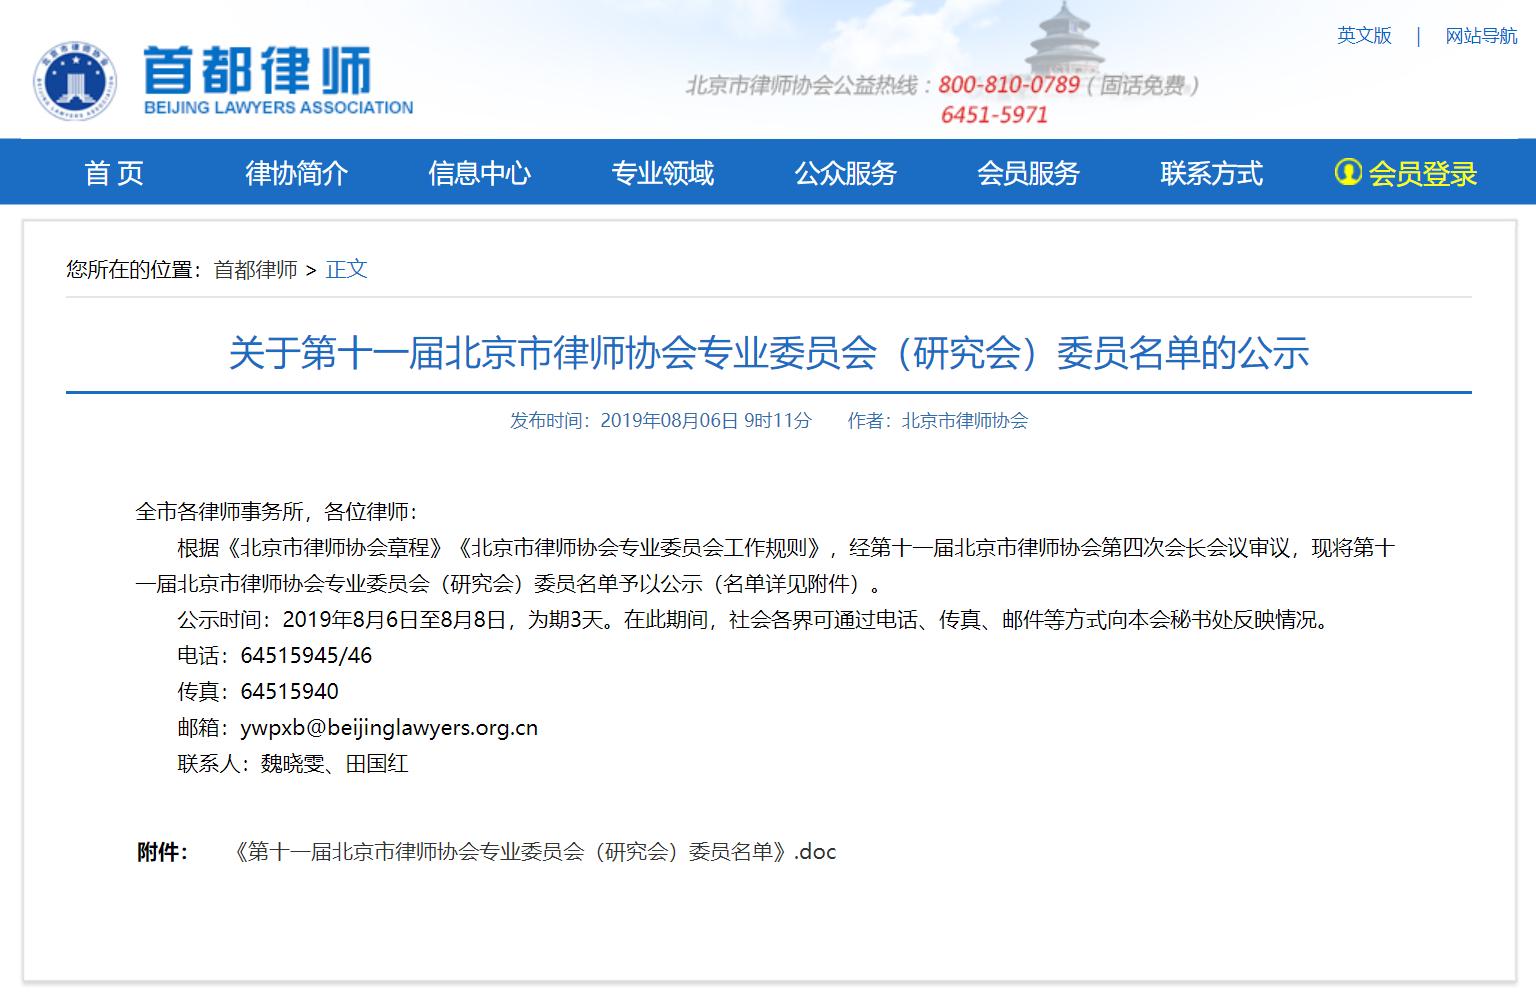 信金国律师入选北京市律师协会专业委员会